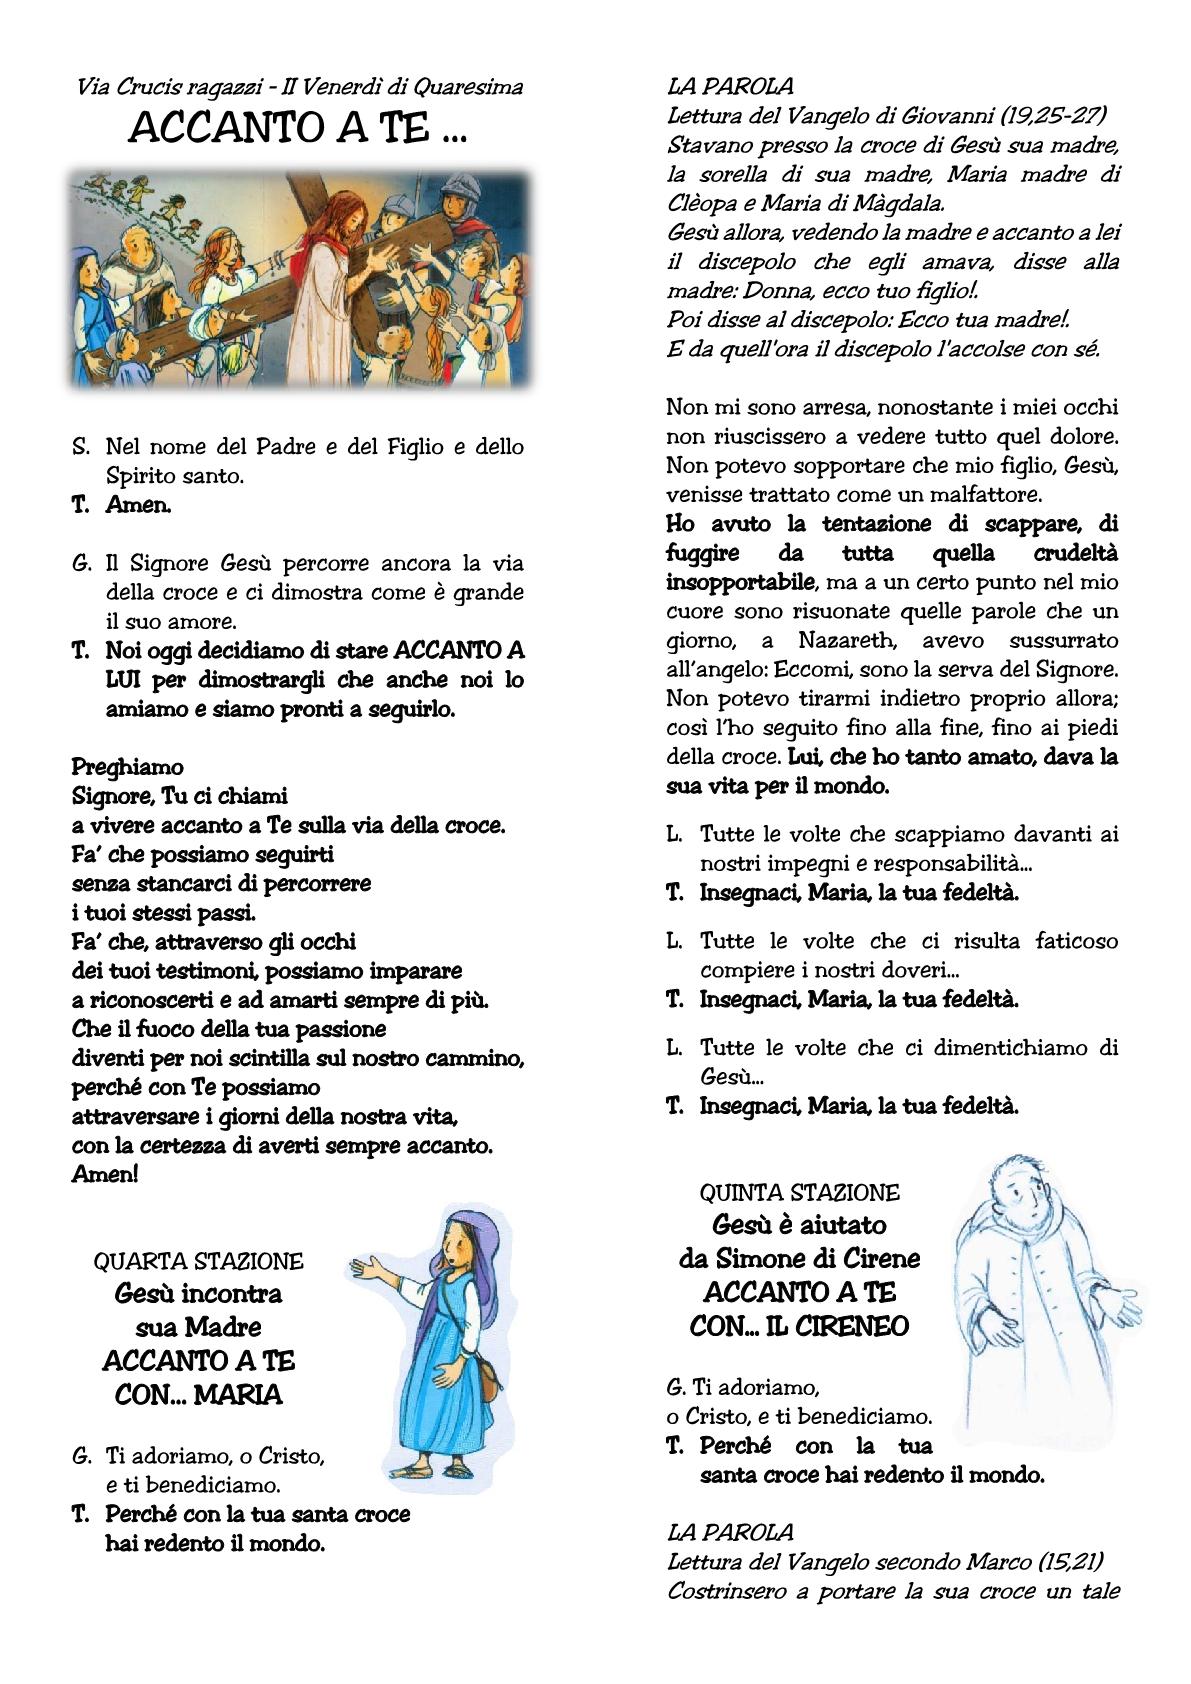 Via Crucis ragazzi II venerdì1